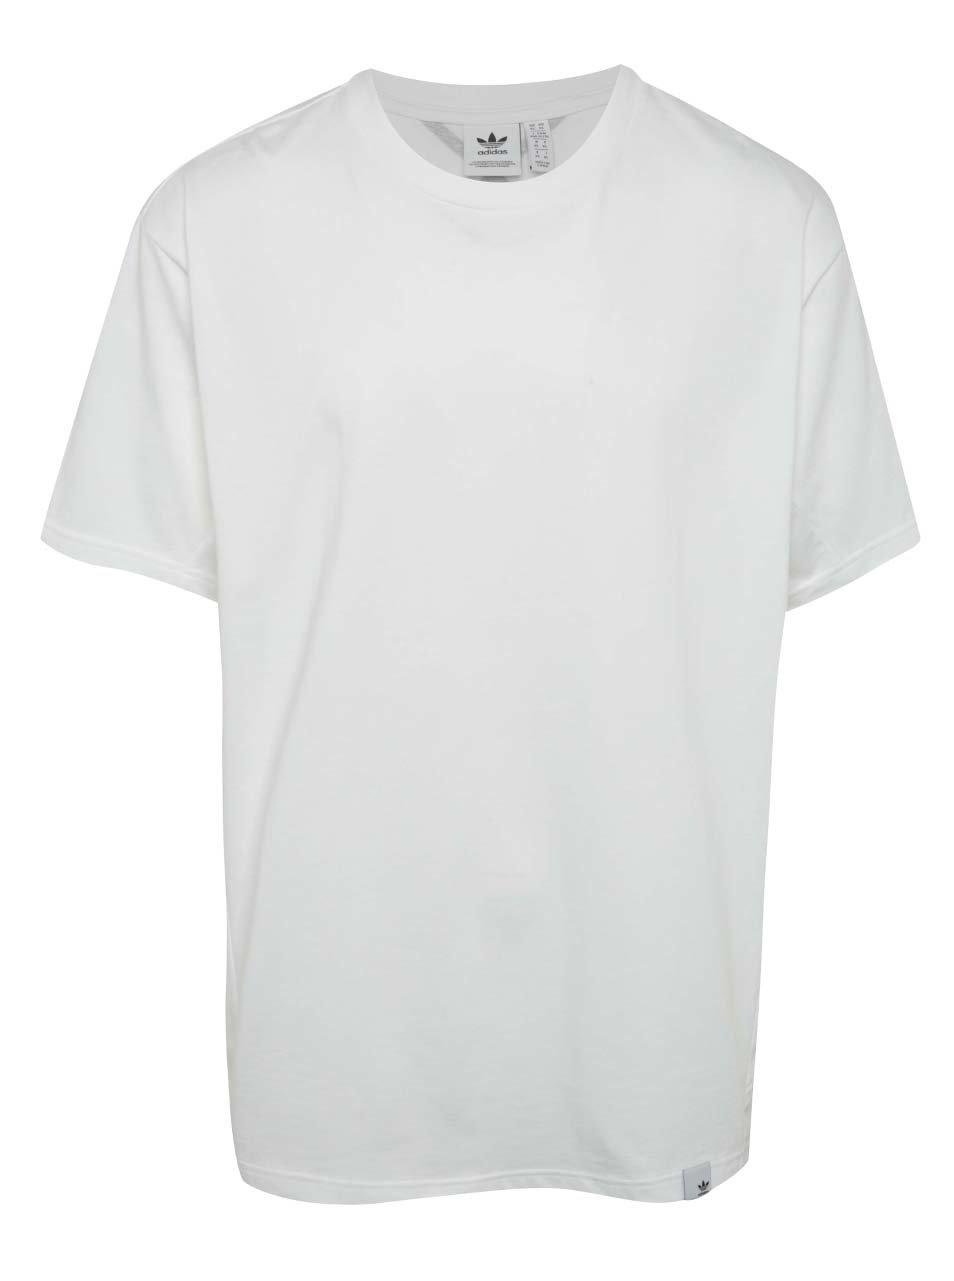 Bílé pánské tričko s krátkým rukávem Originals XBYO